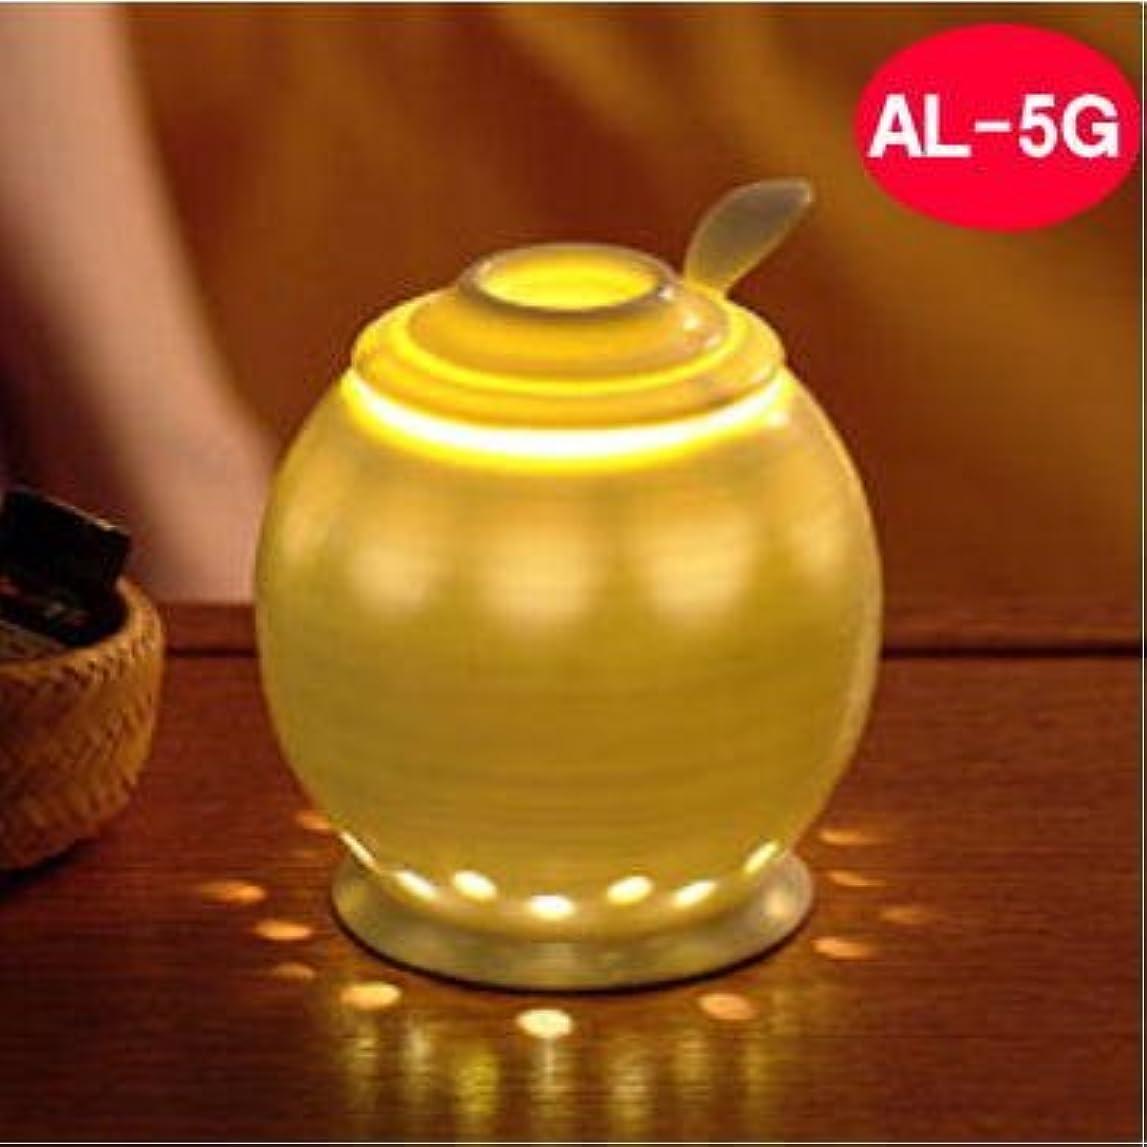 茶香炉 電気式 アロマ 茶香炉 茶葉 アロマライト ジャテックス  AL-5G